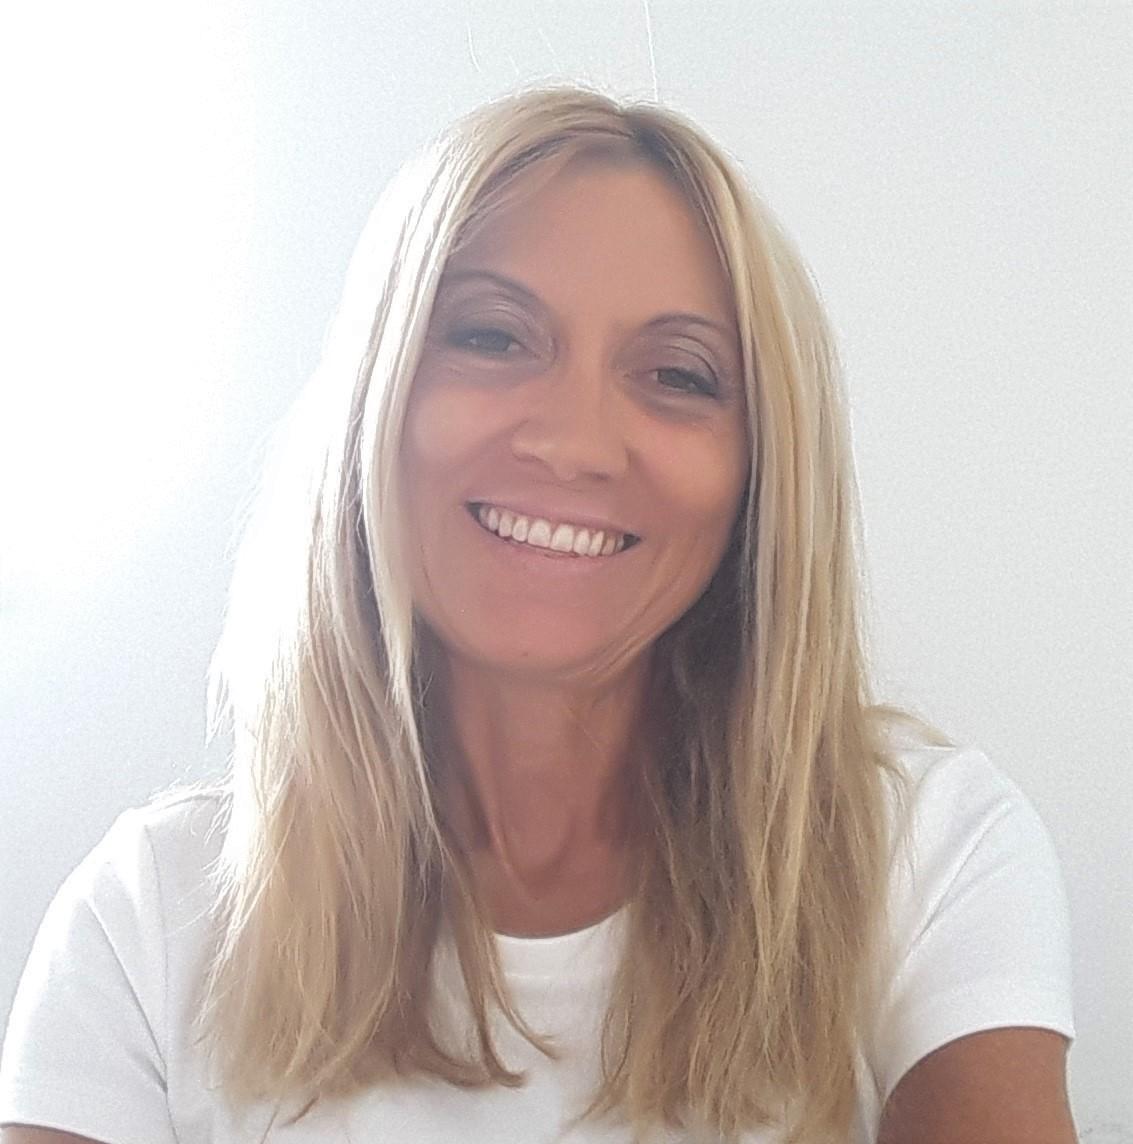 Emanuela Venturini